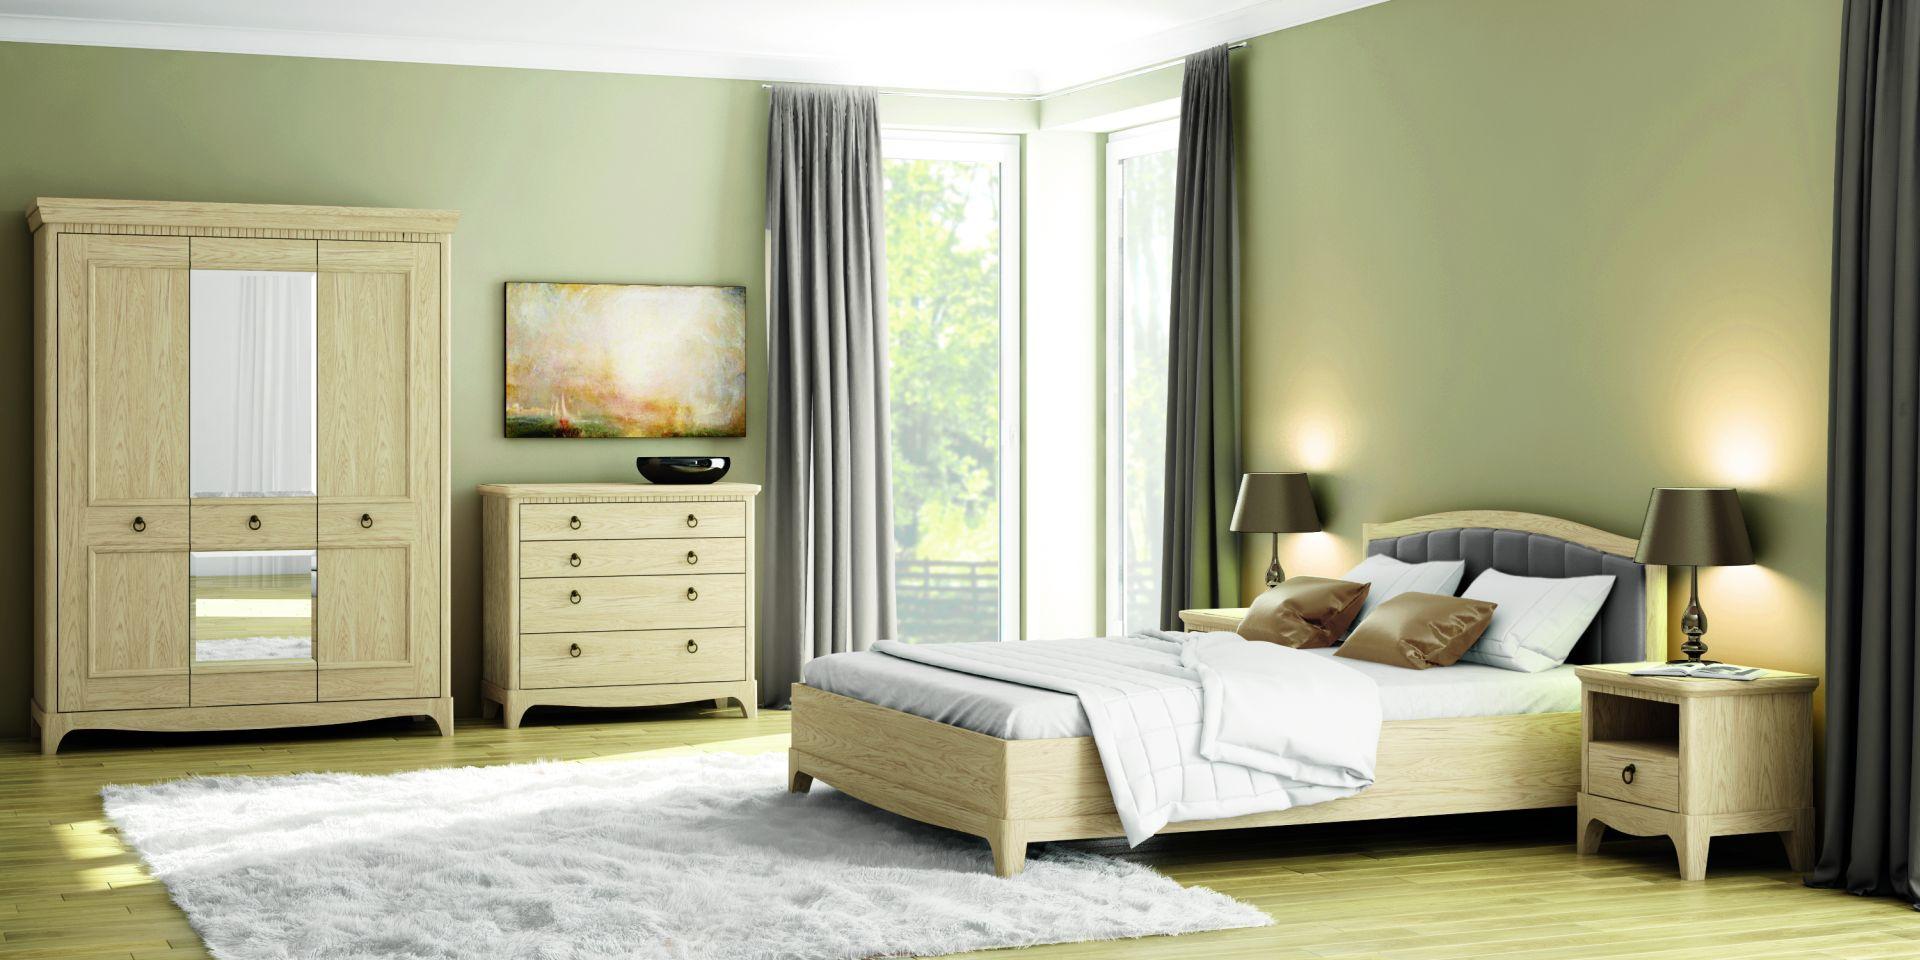 Aranżacja sypialni meblami z kolekcji Gusta. Piękne rysunki drewna doskonale komponują się tu z tapicerowanym zagłówkiem. Fot. Paged Meble.